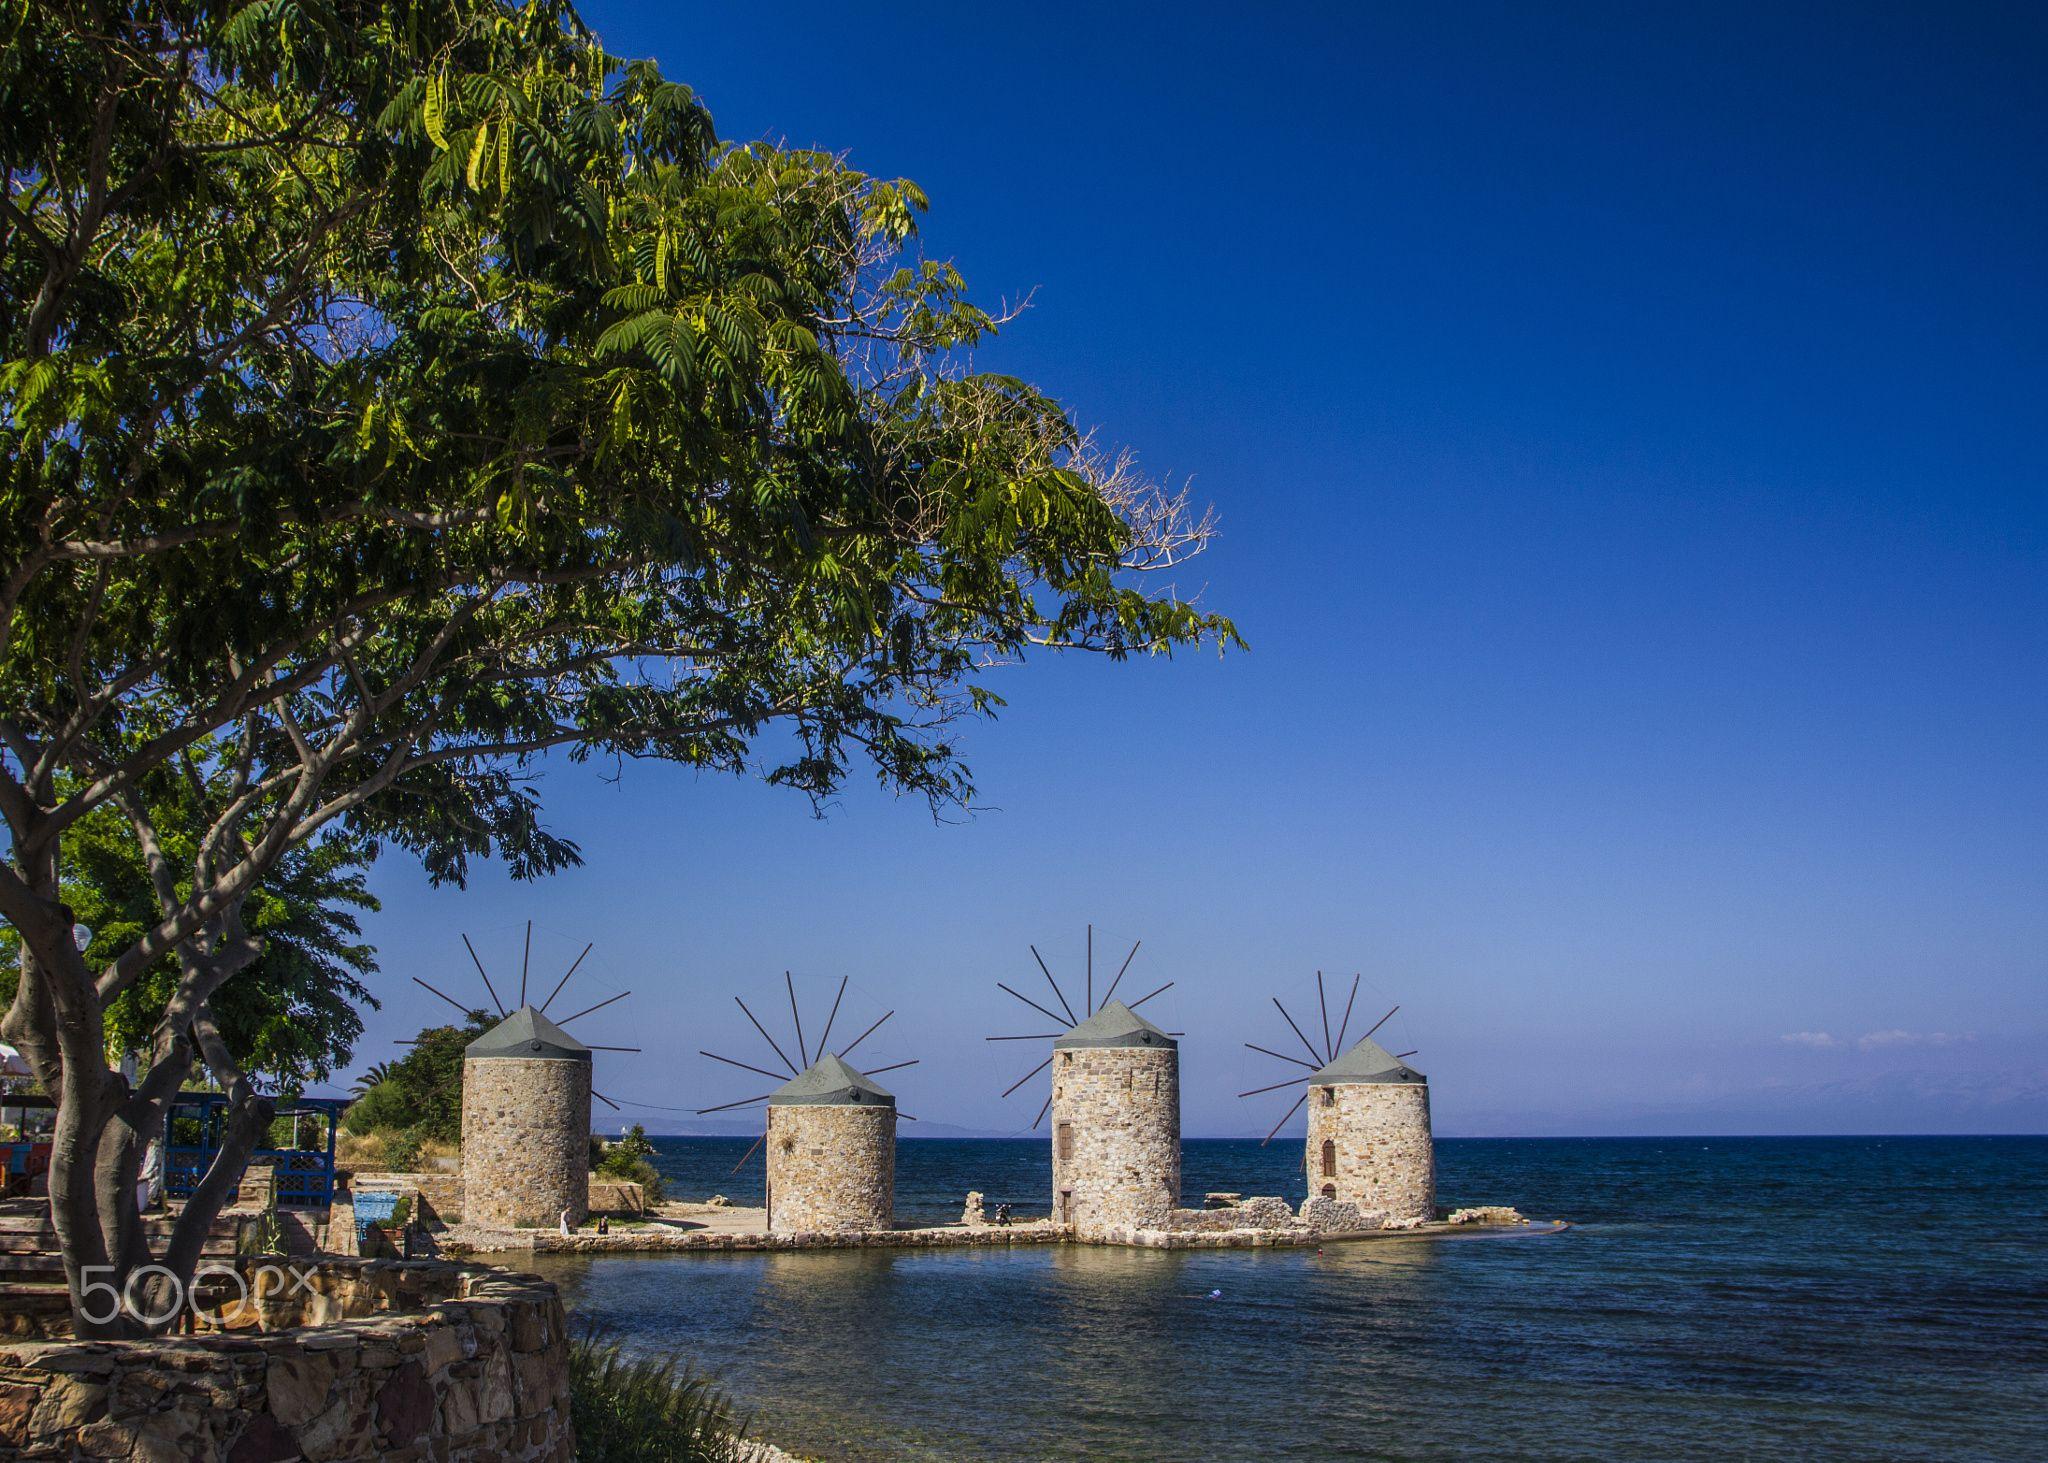 sakız adası / Χίος by Nur Uzakgören